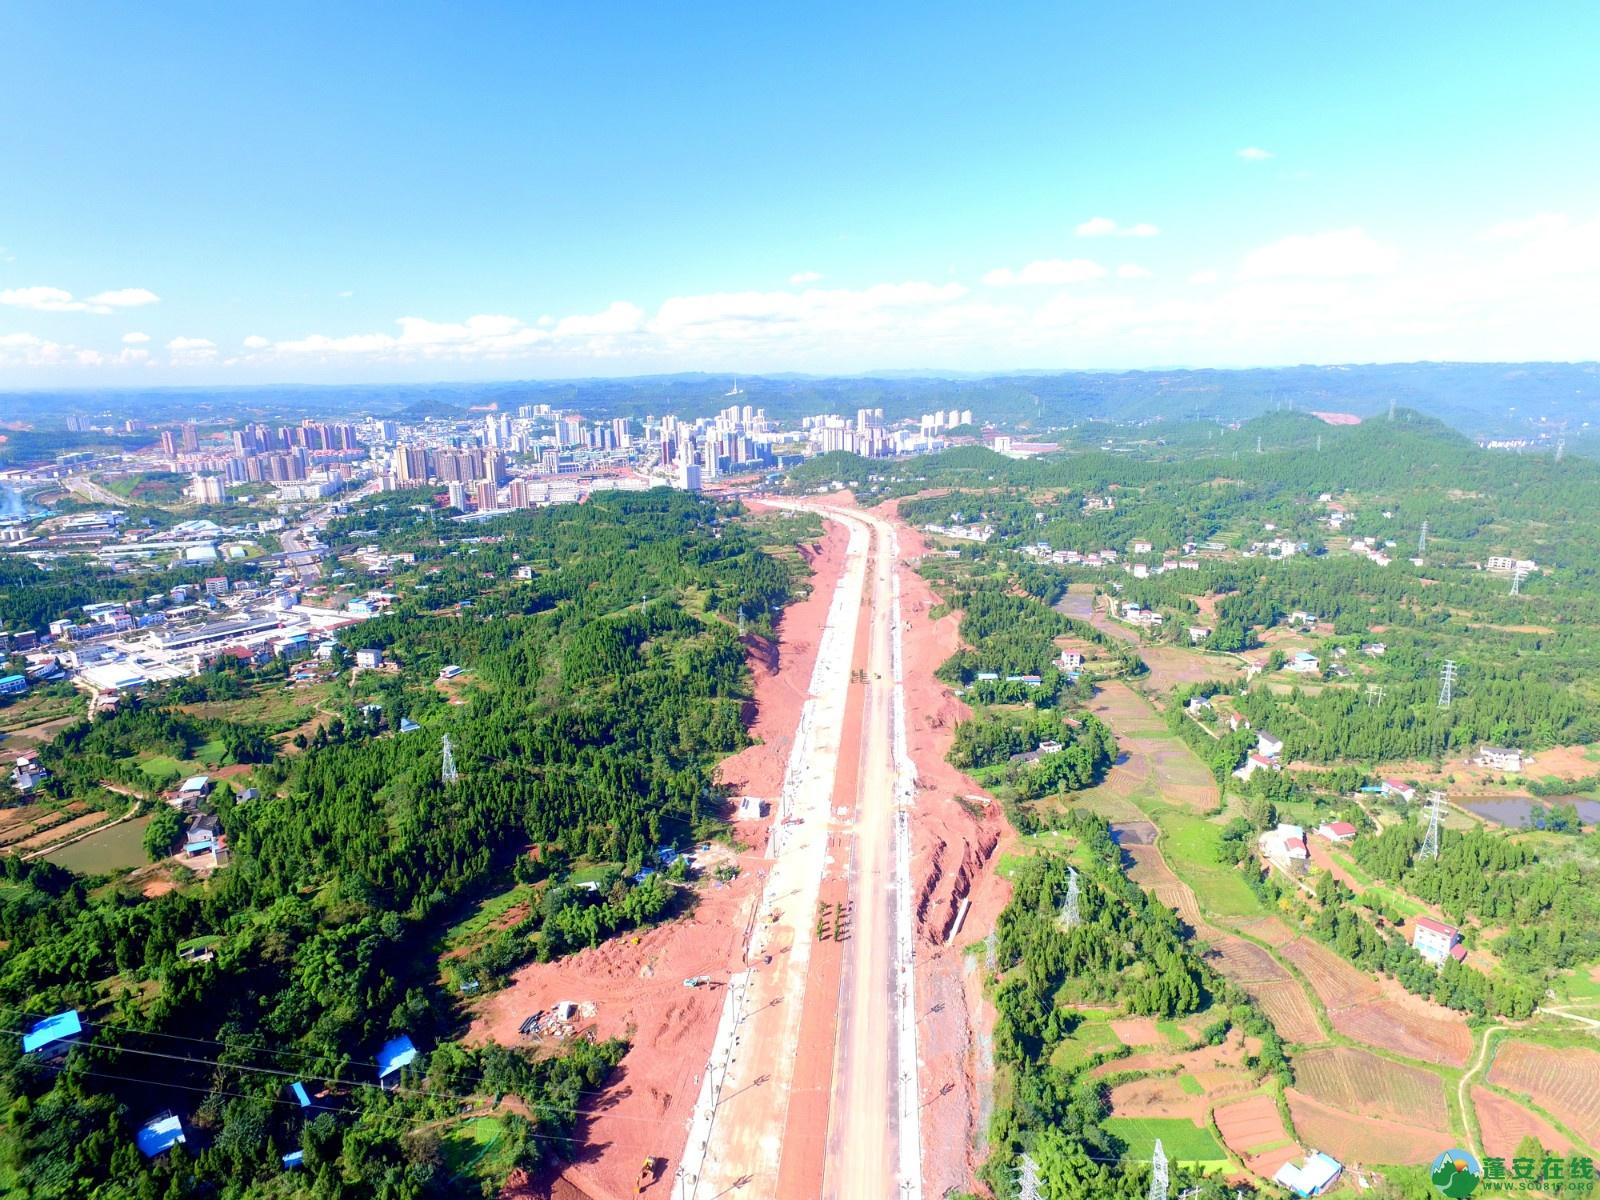 蓬安县燕山大道最新进展(2019.10.17) - 第5张  | 蓬安在线